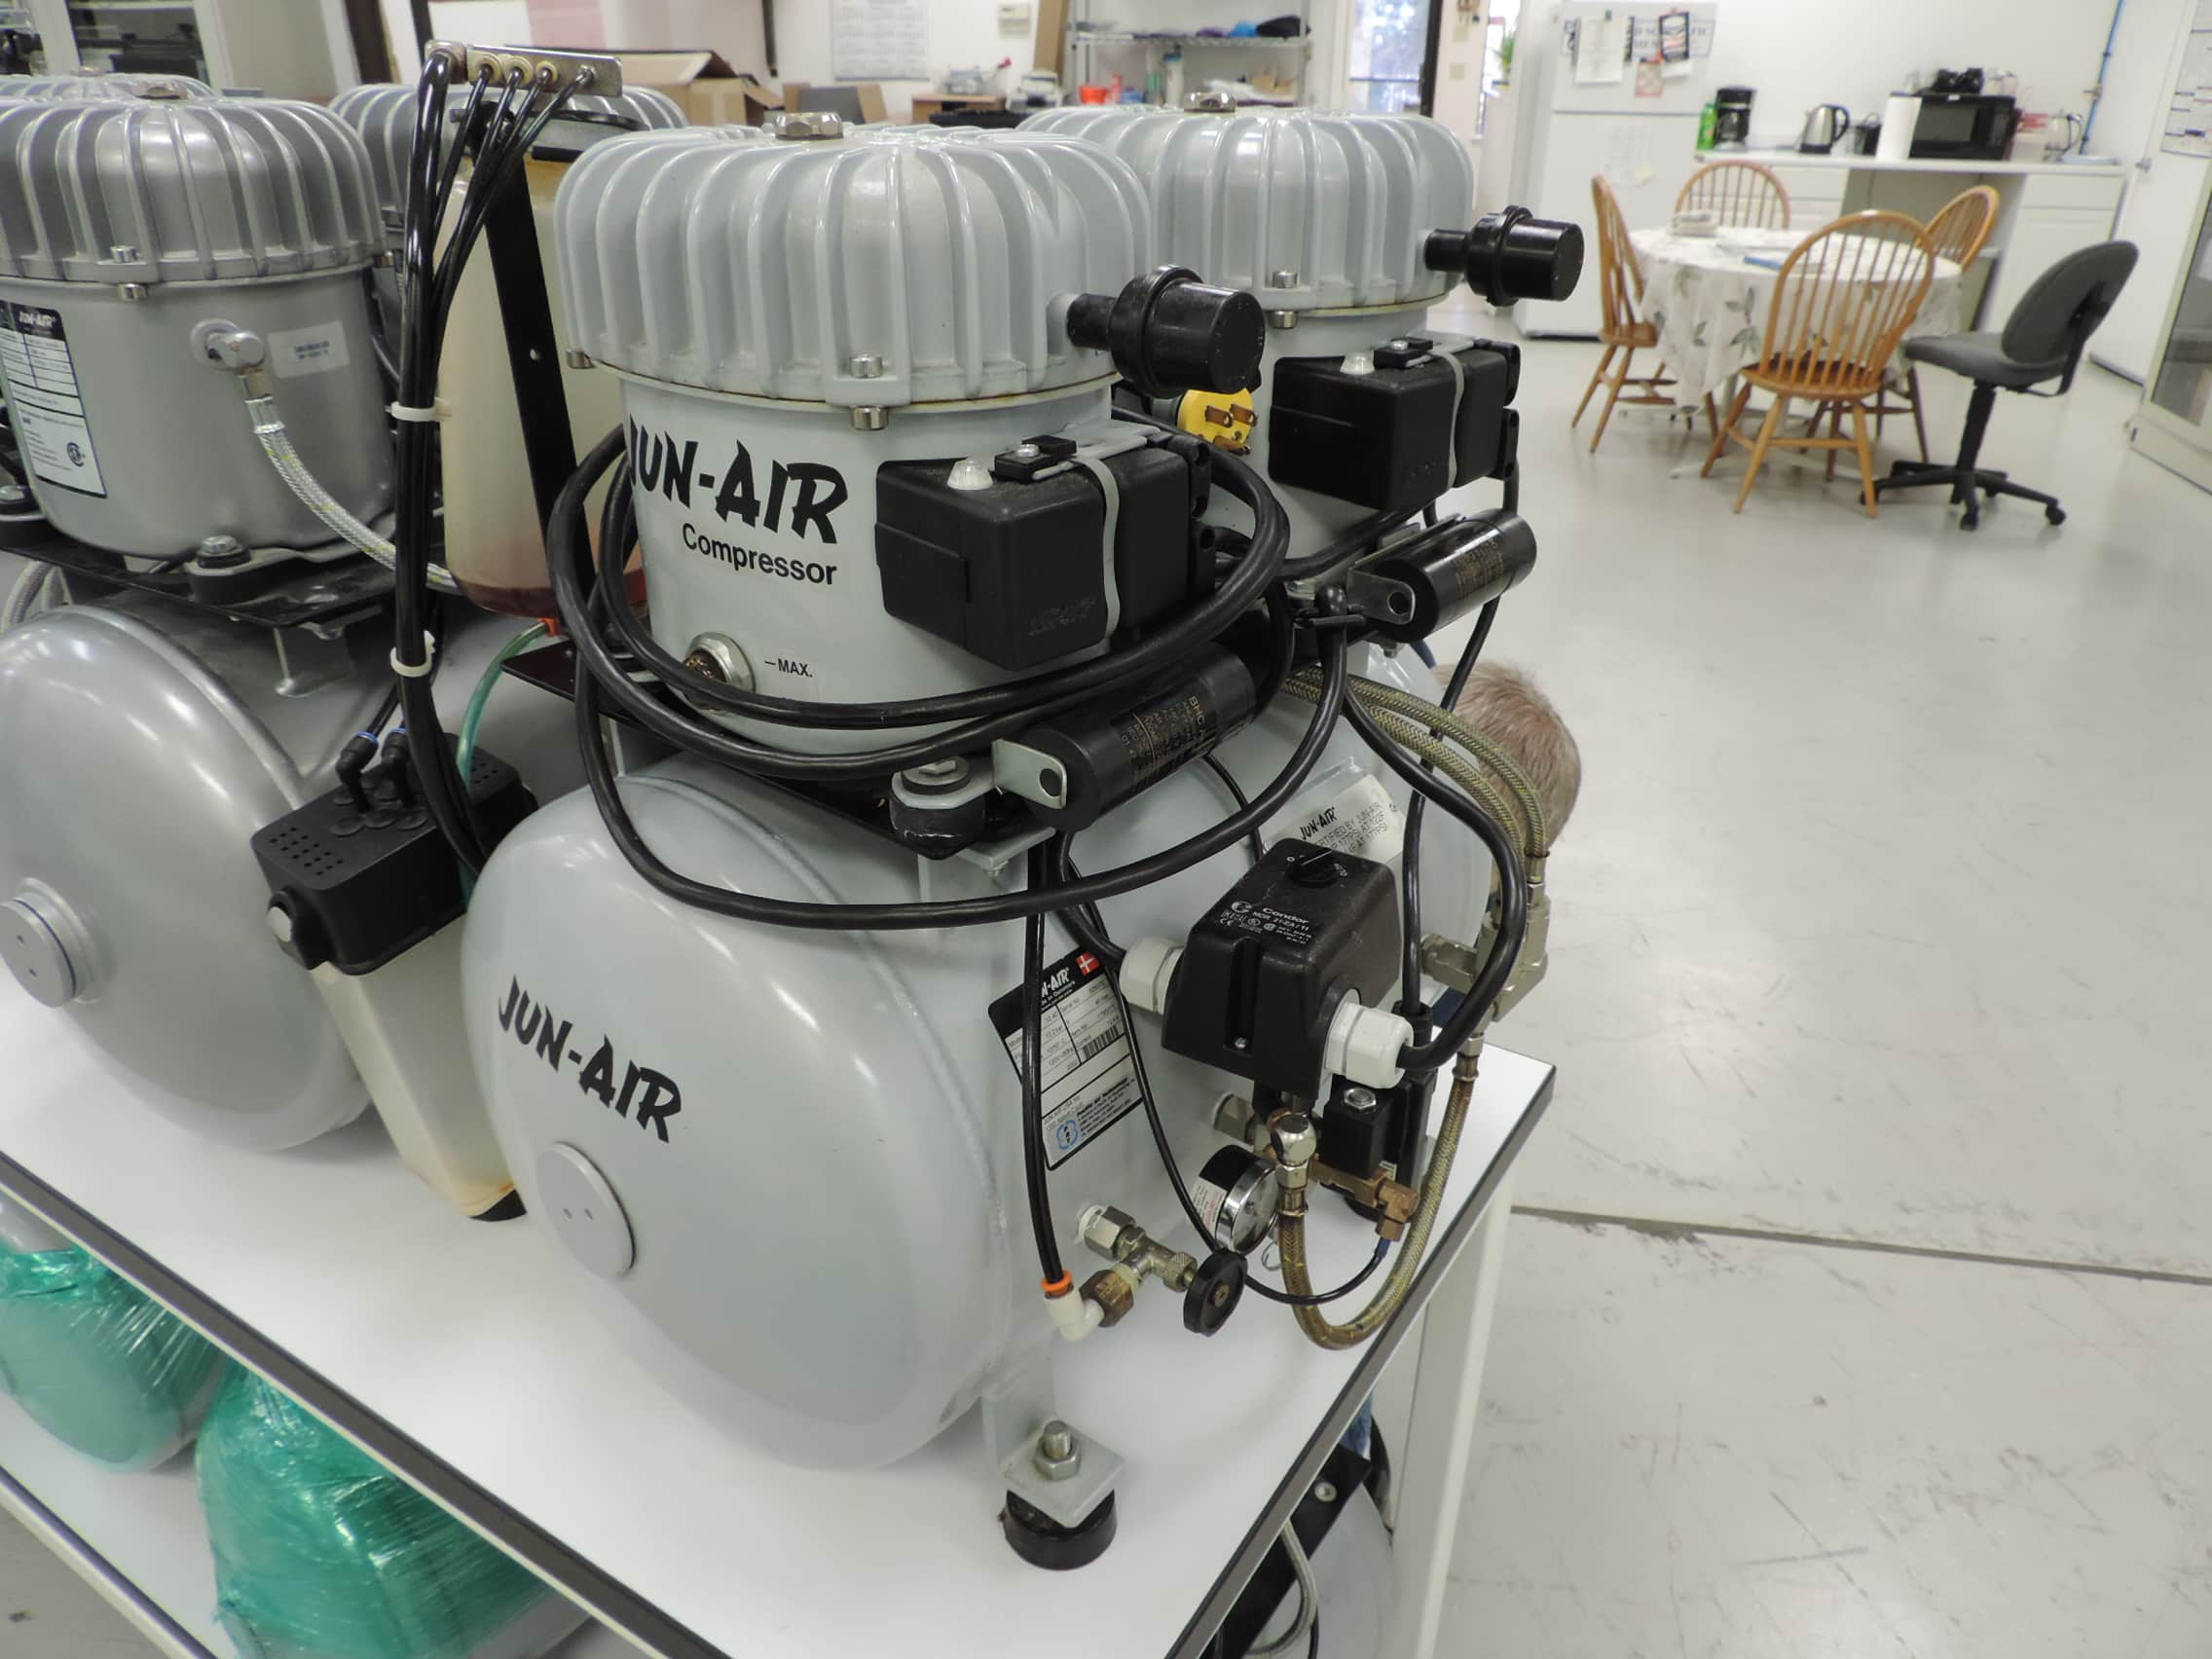 Jun-Air™ 12-40 Industrial/Medical Compressor 120psi, 40L